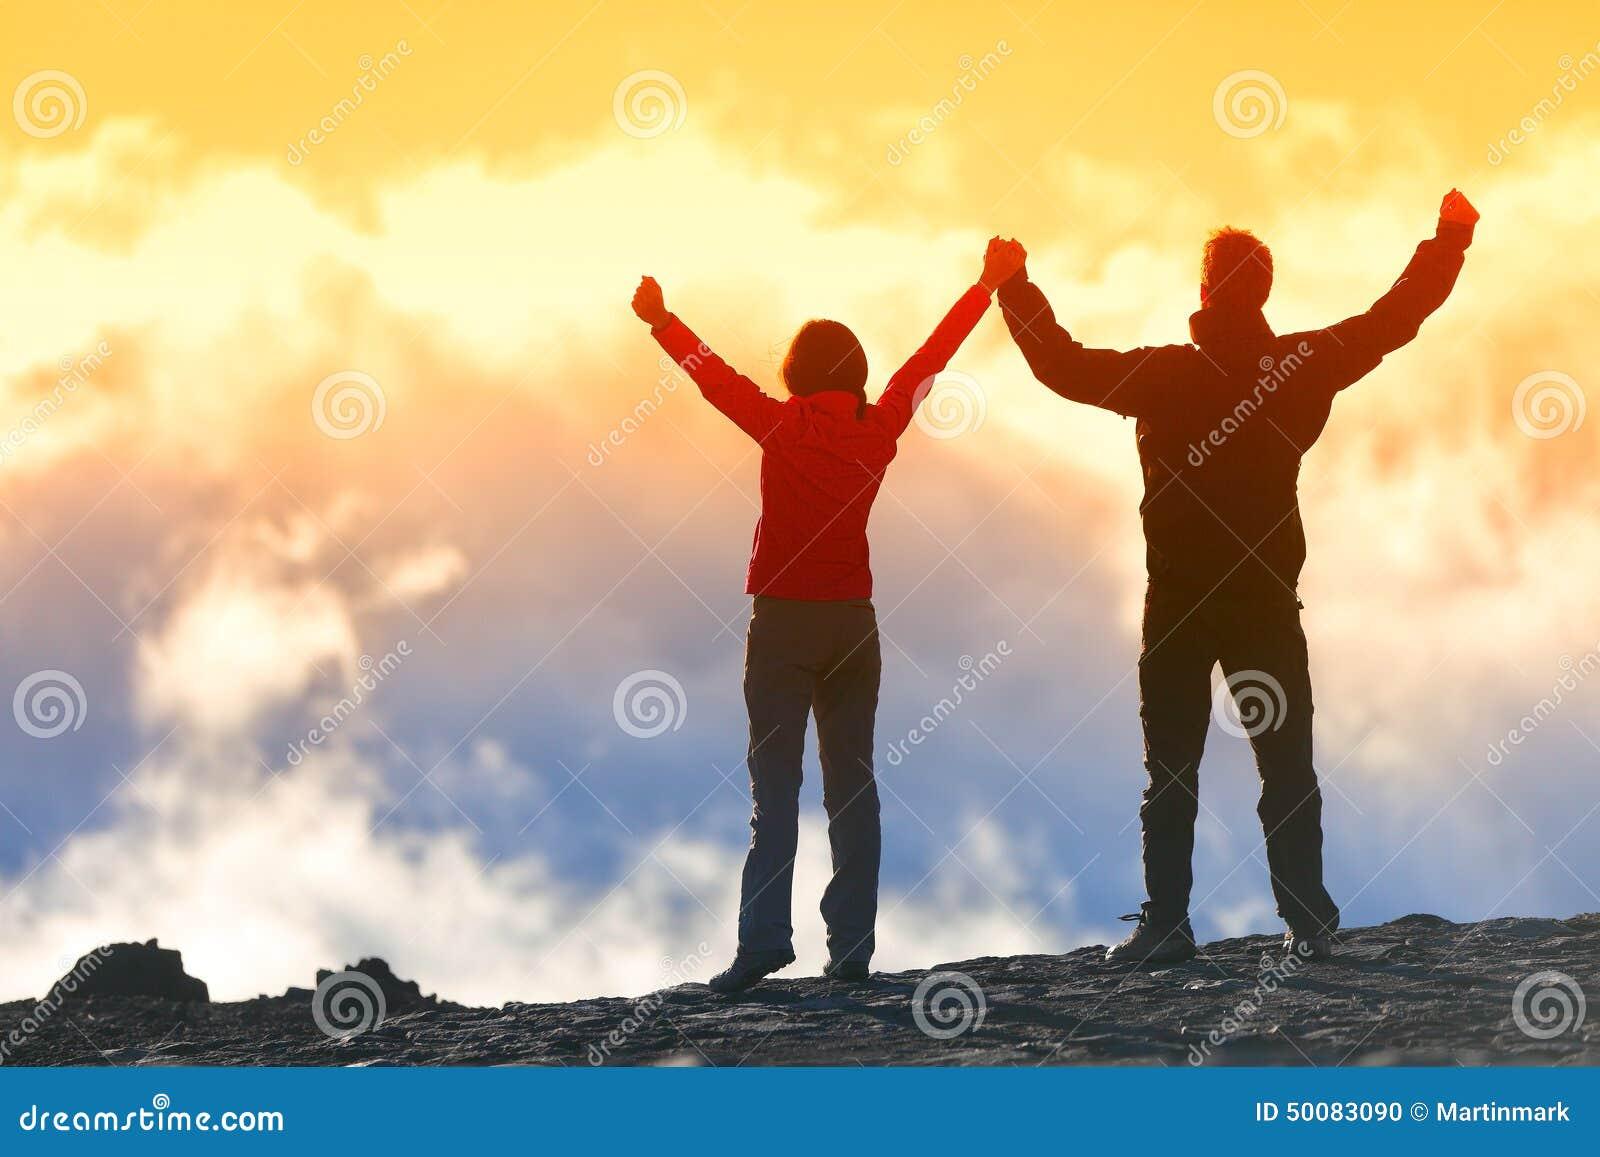 Ganadores felices que alcanzan la meta de la vida - gente del éxito